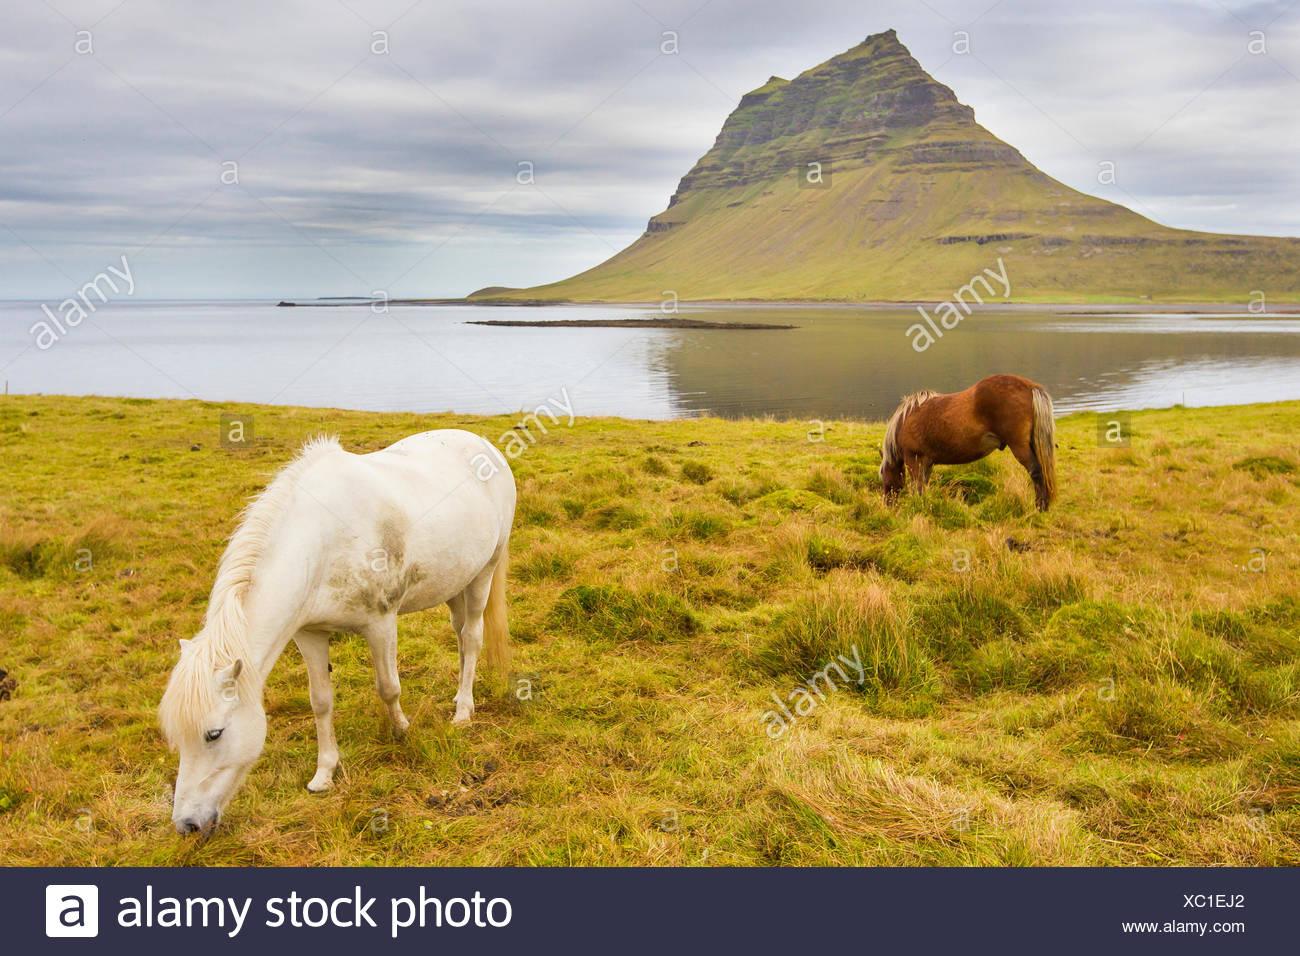 Cavalli al pascolo in un prato vicino Kirkjufell montagna, in Islanda la costa. Immagini Stock